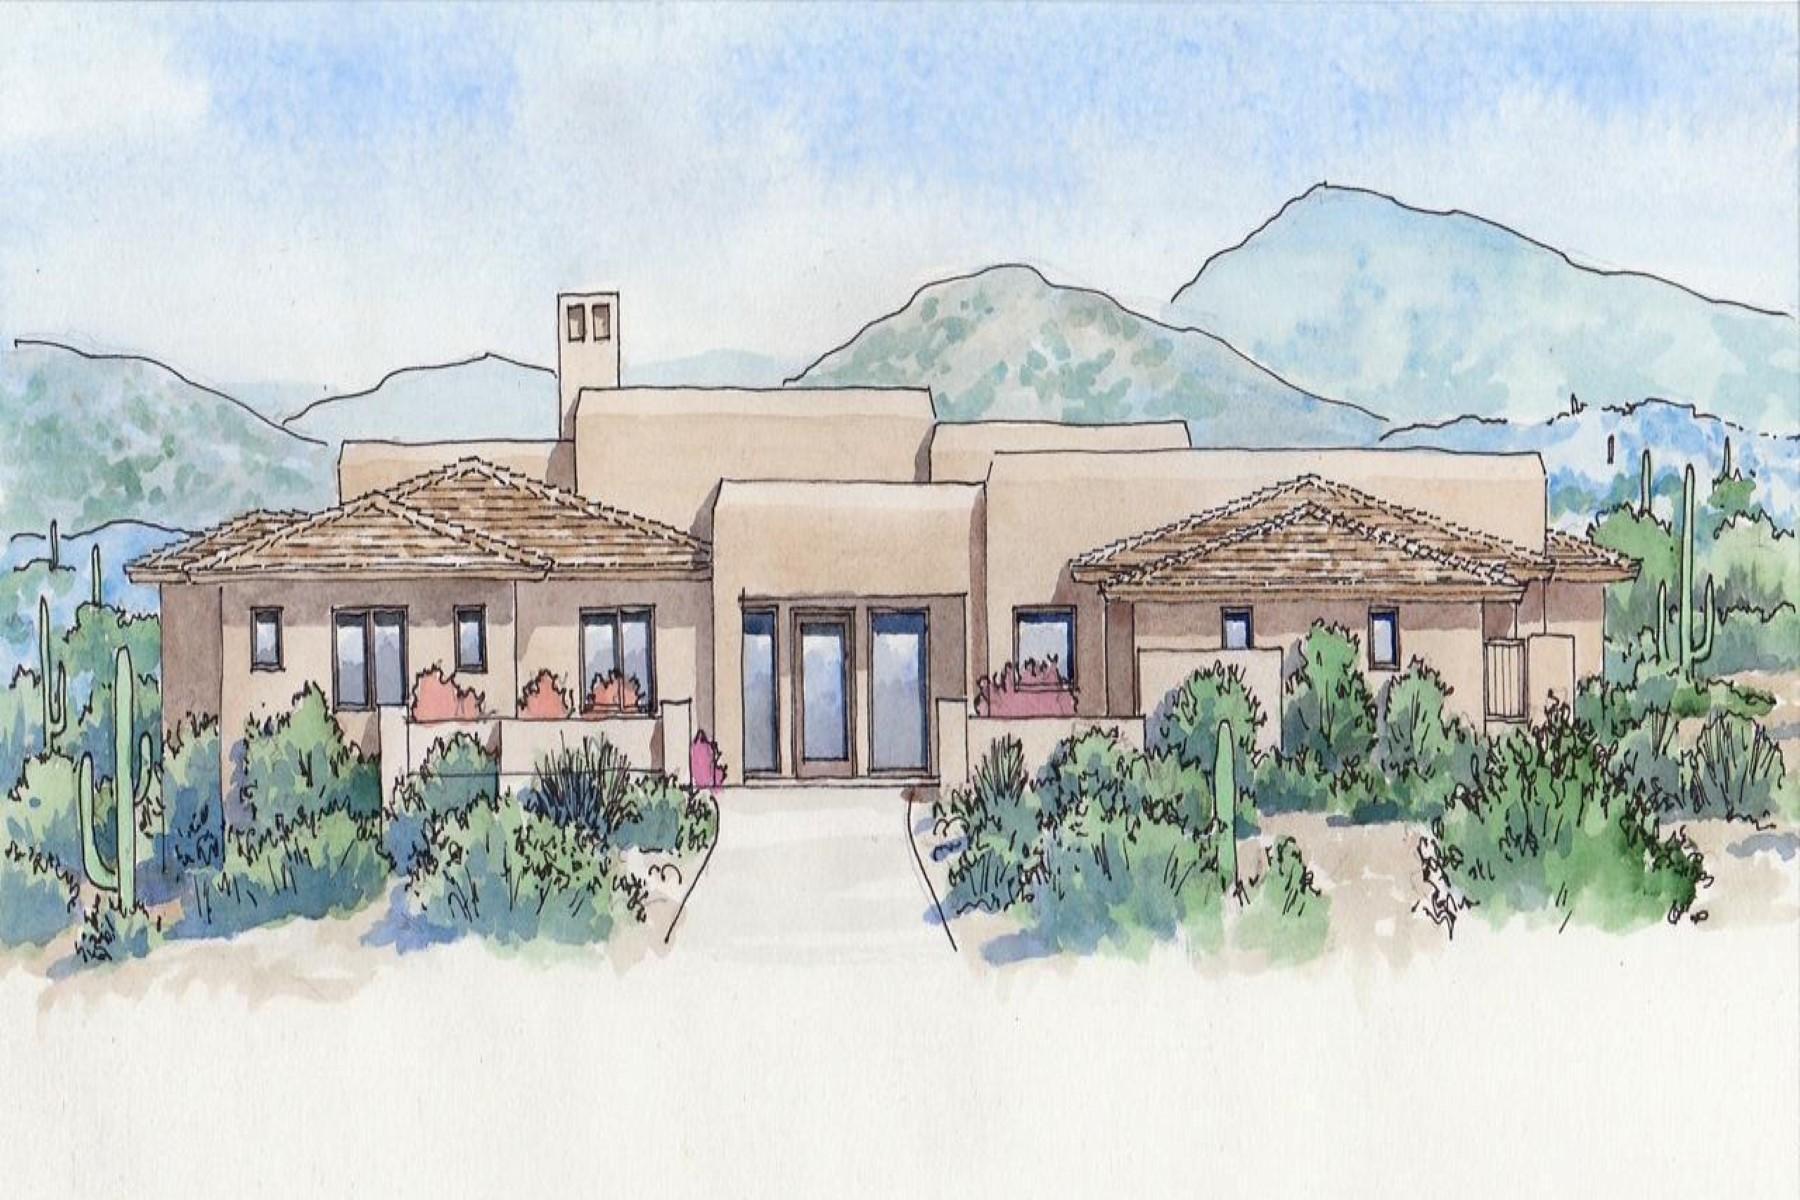 단독 가정 주택 용 매매 에 Brand new Mortensen Signature Home 10238 E Rising Sun Dr #337 Scottsdale, 아리조나 85262 미국